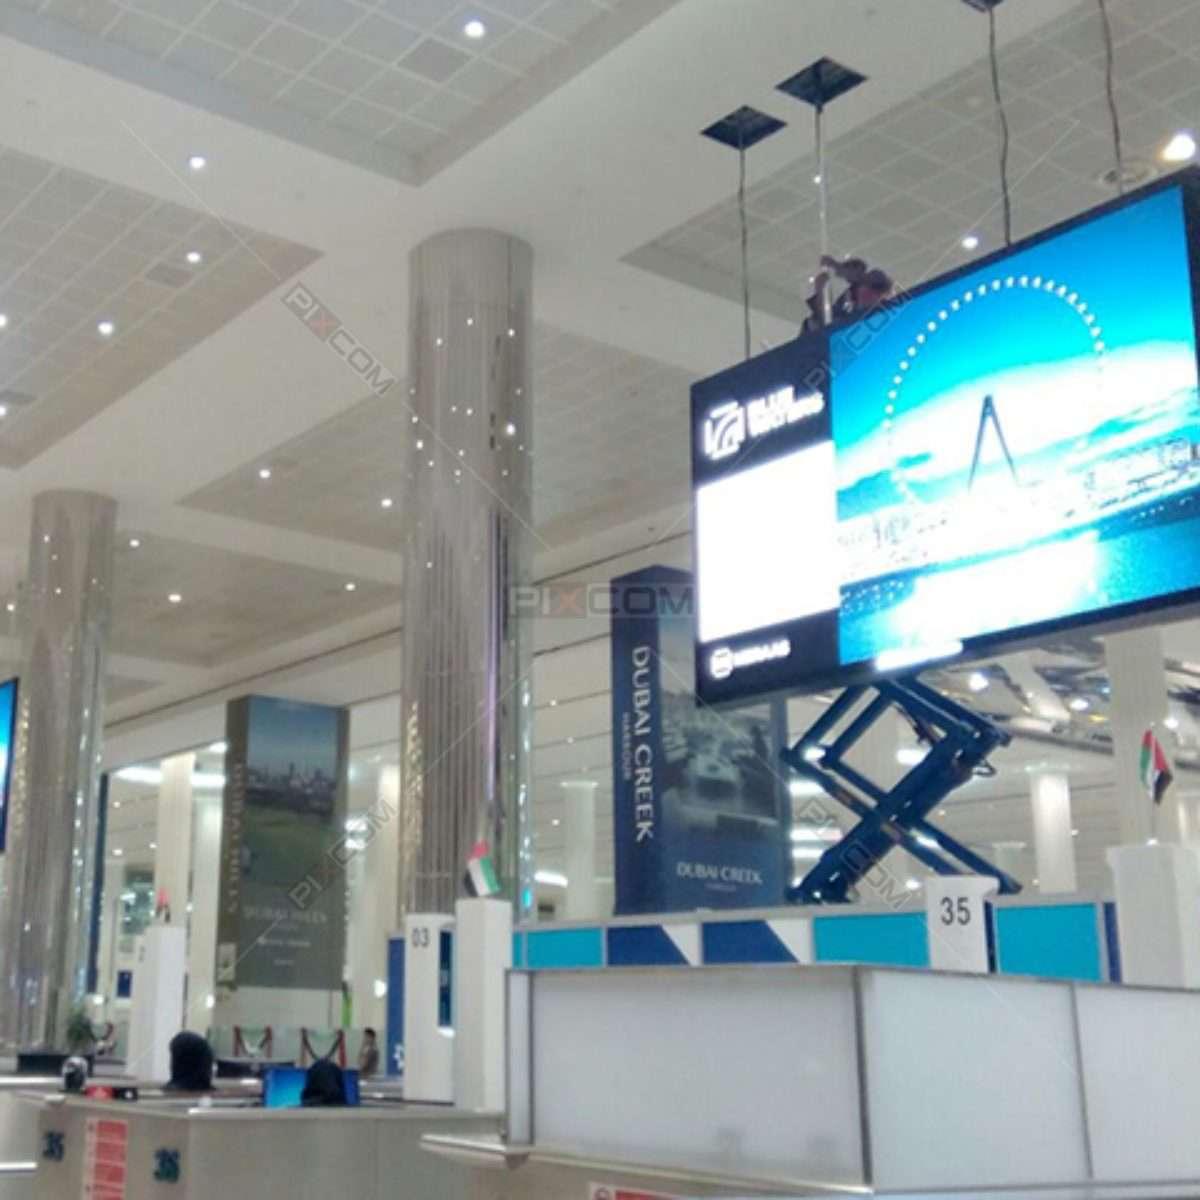 JCDecaux at Dubai Airport Terminal 3